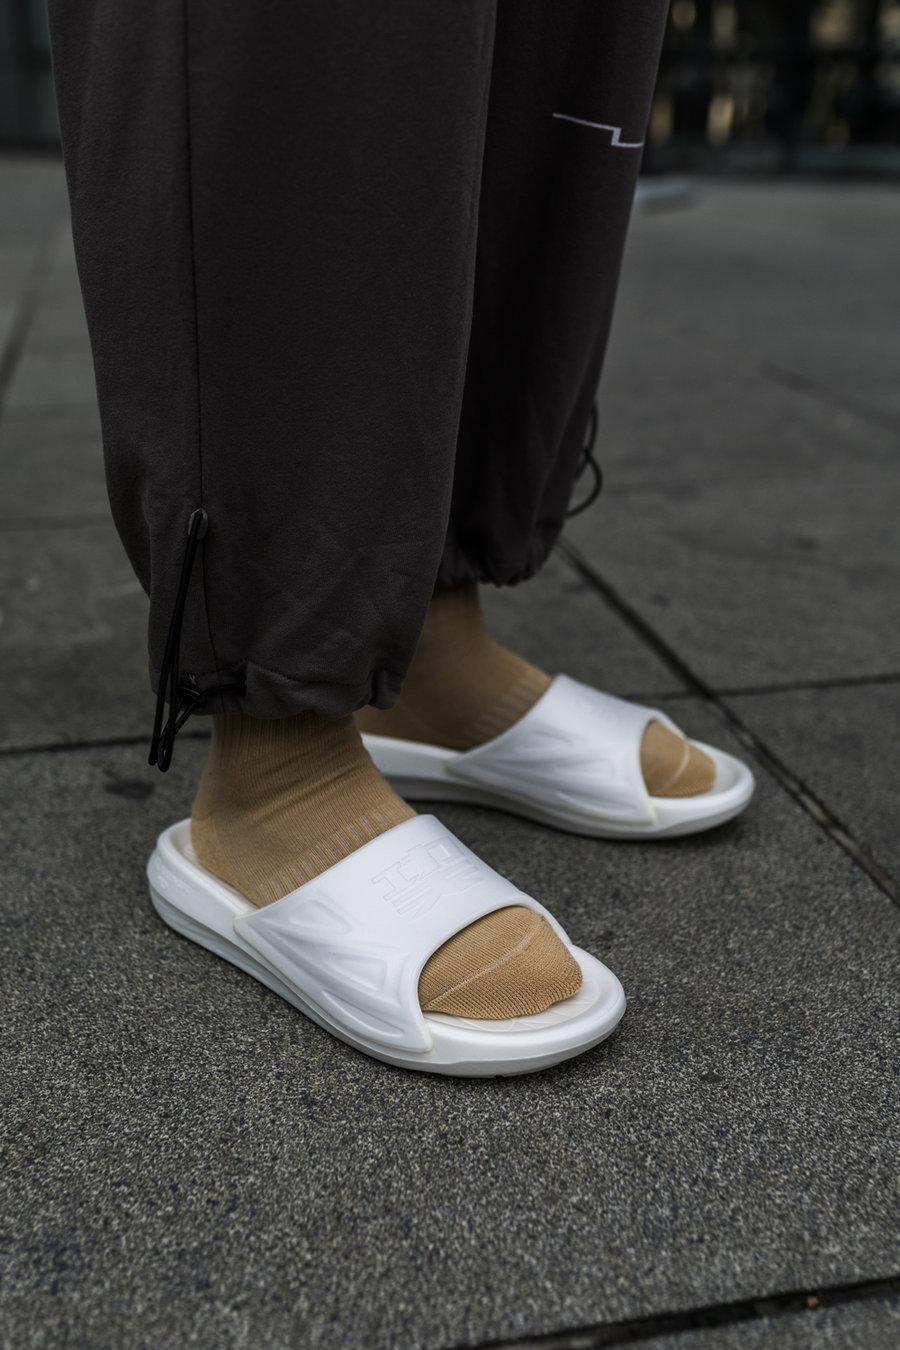 只凭,一点,这双,国产,鞋,就让,网友,争论,两周,  只凭一点,这双国产鞋就让网友争论半个月!拿到实物,我惊了!